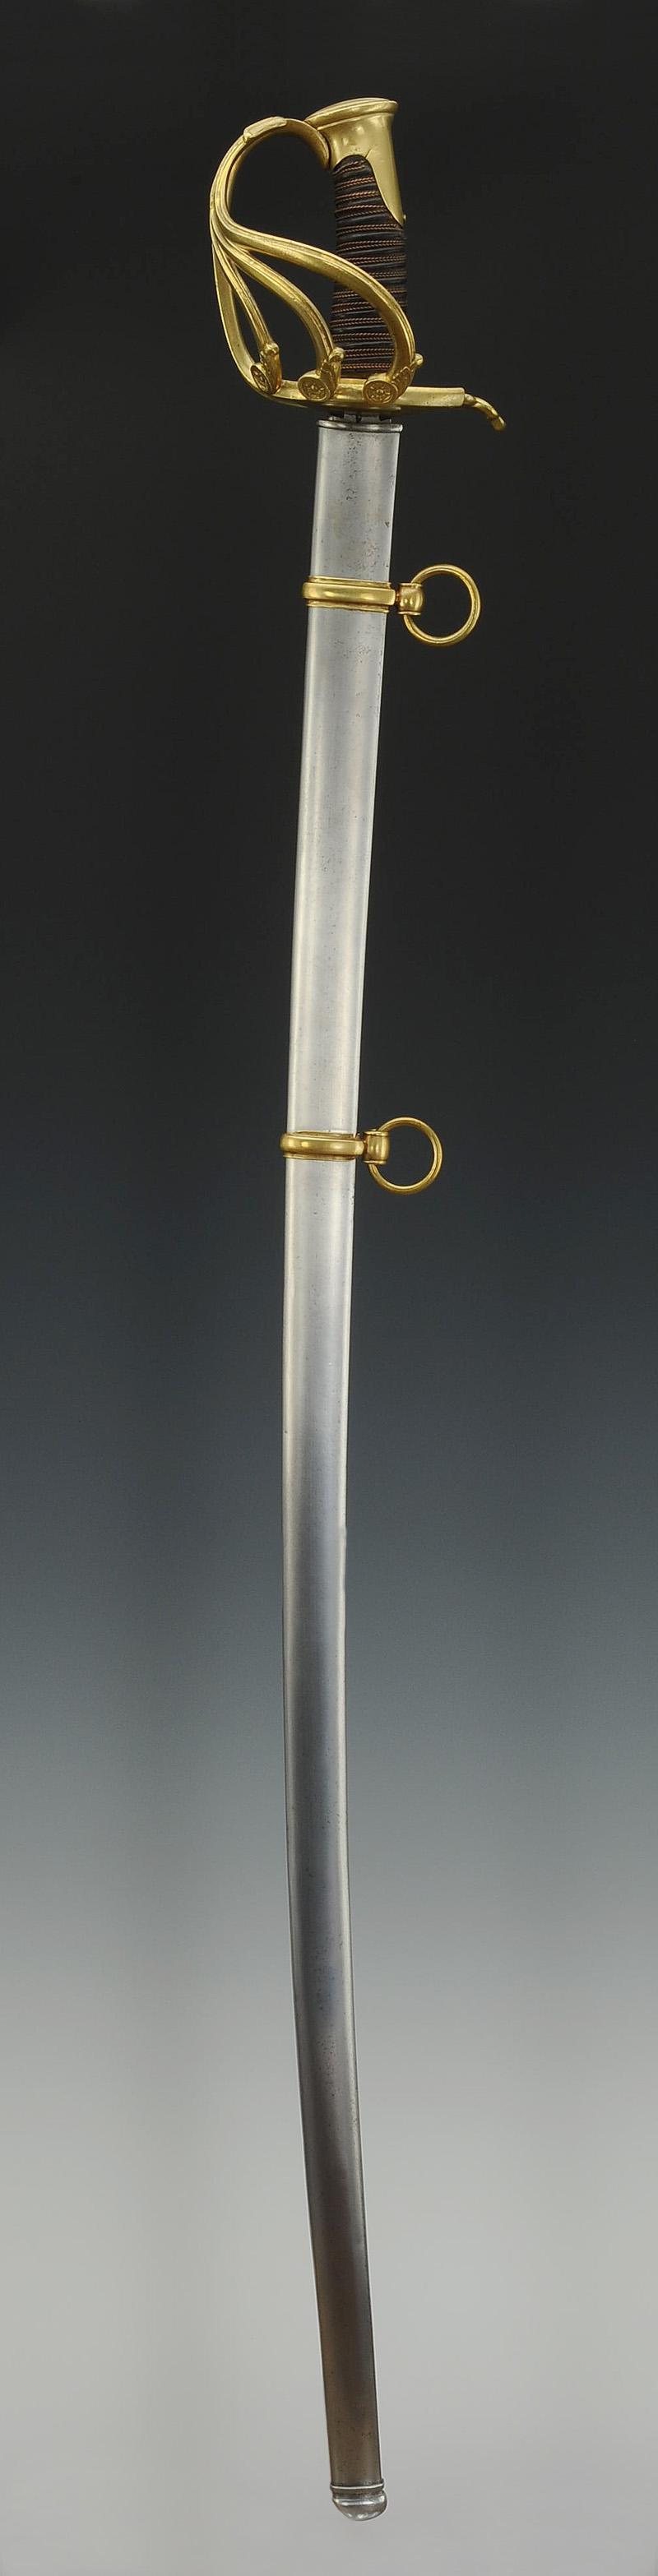 sabre troupe de garde du corps de monsieur  mod u00c8le 1814  restauration